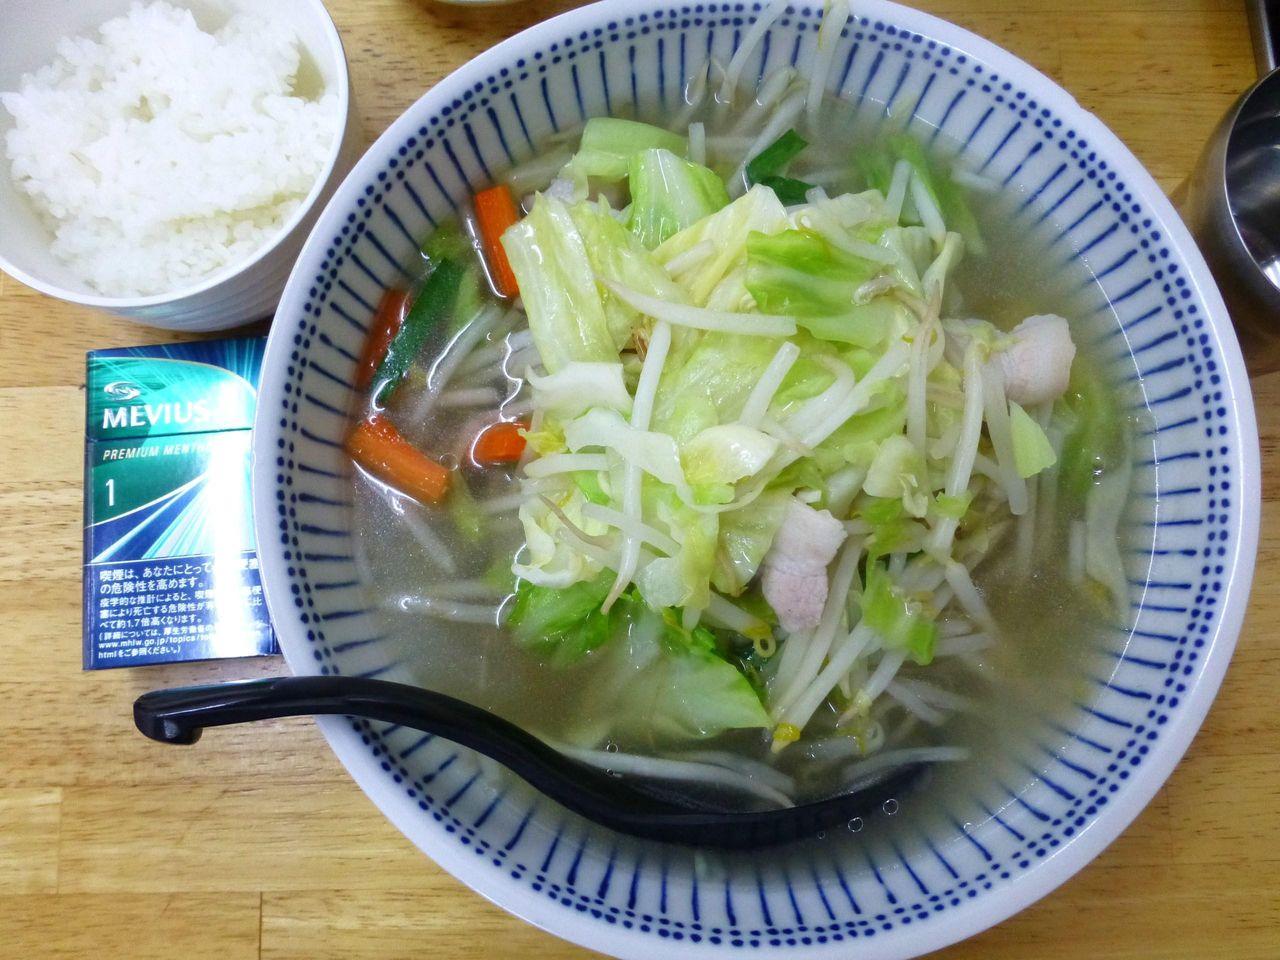 タンメン野菜大盛は、直径21センチの丼を使用!